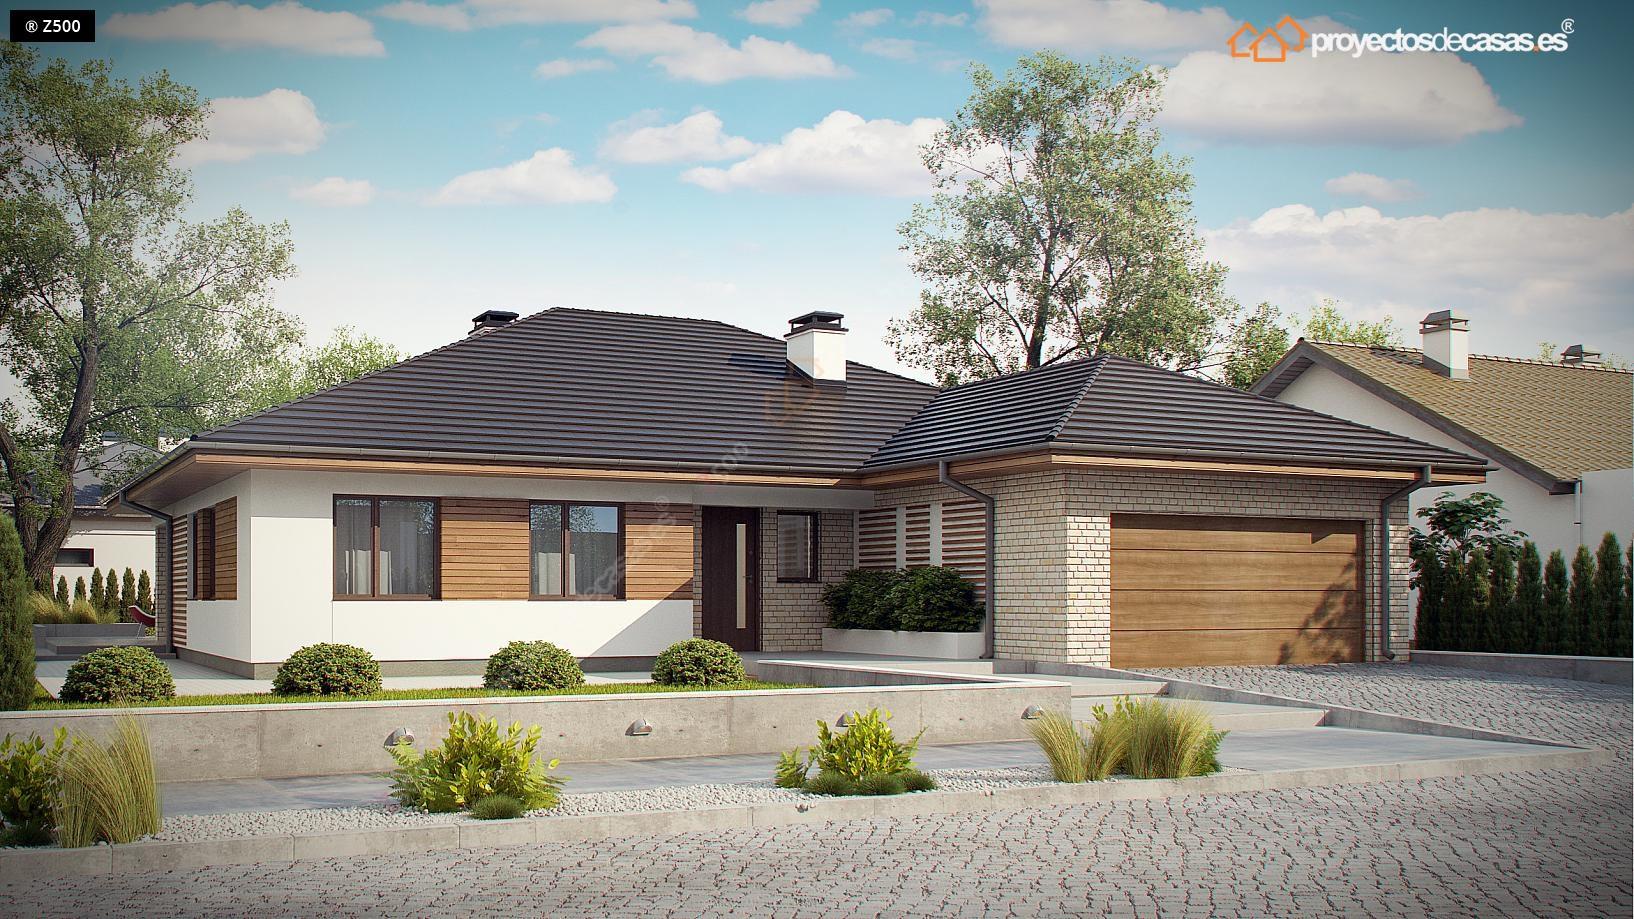 proyectos de casas casa tradicional proyectosdecasas